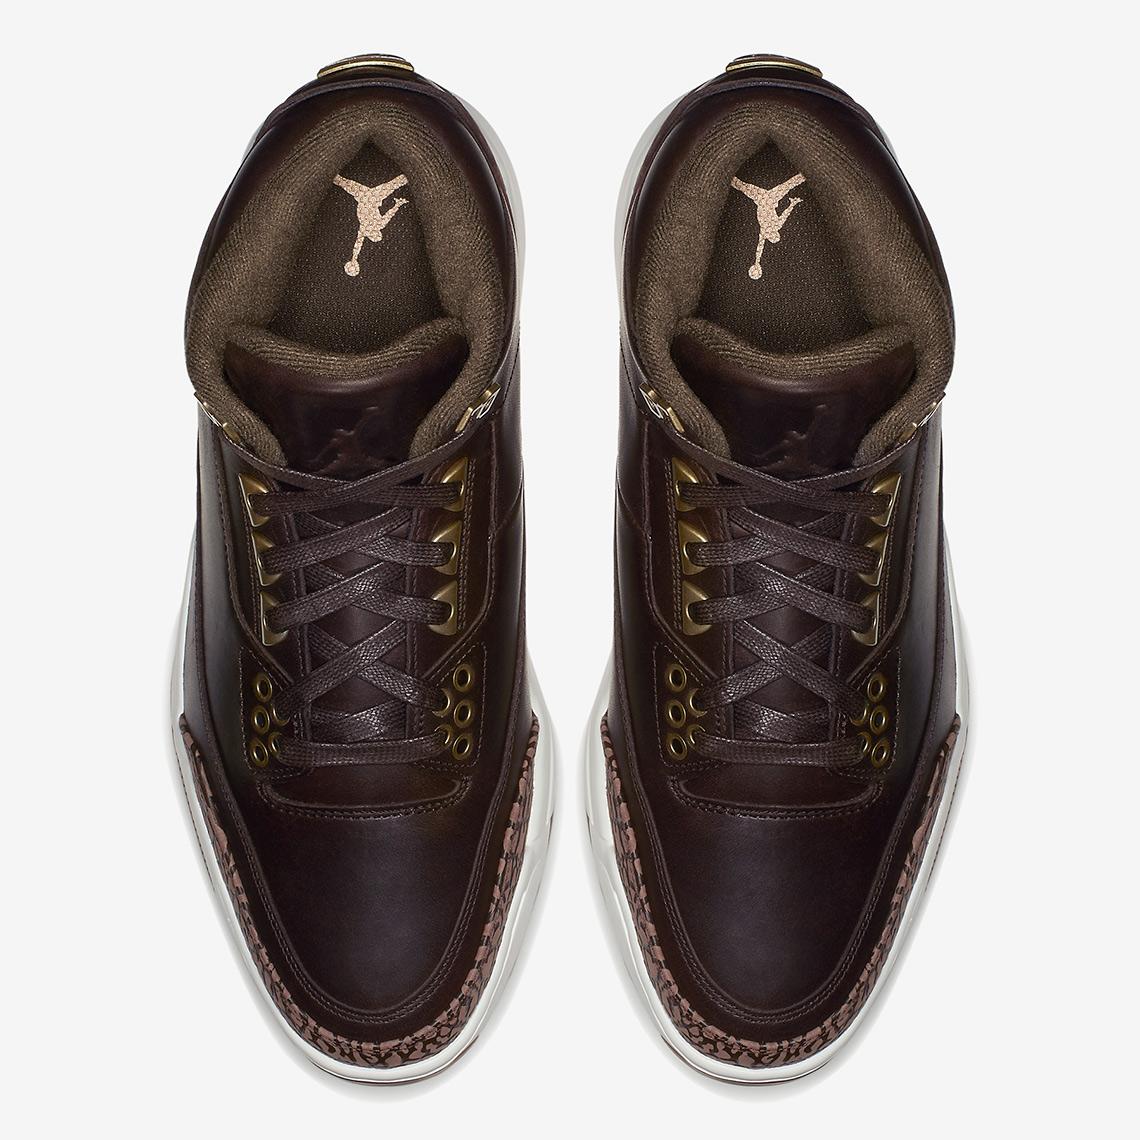 Air Jordan 3 Golf Shoe Release Info  3288cb03d